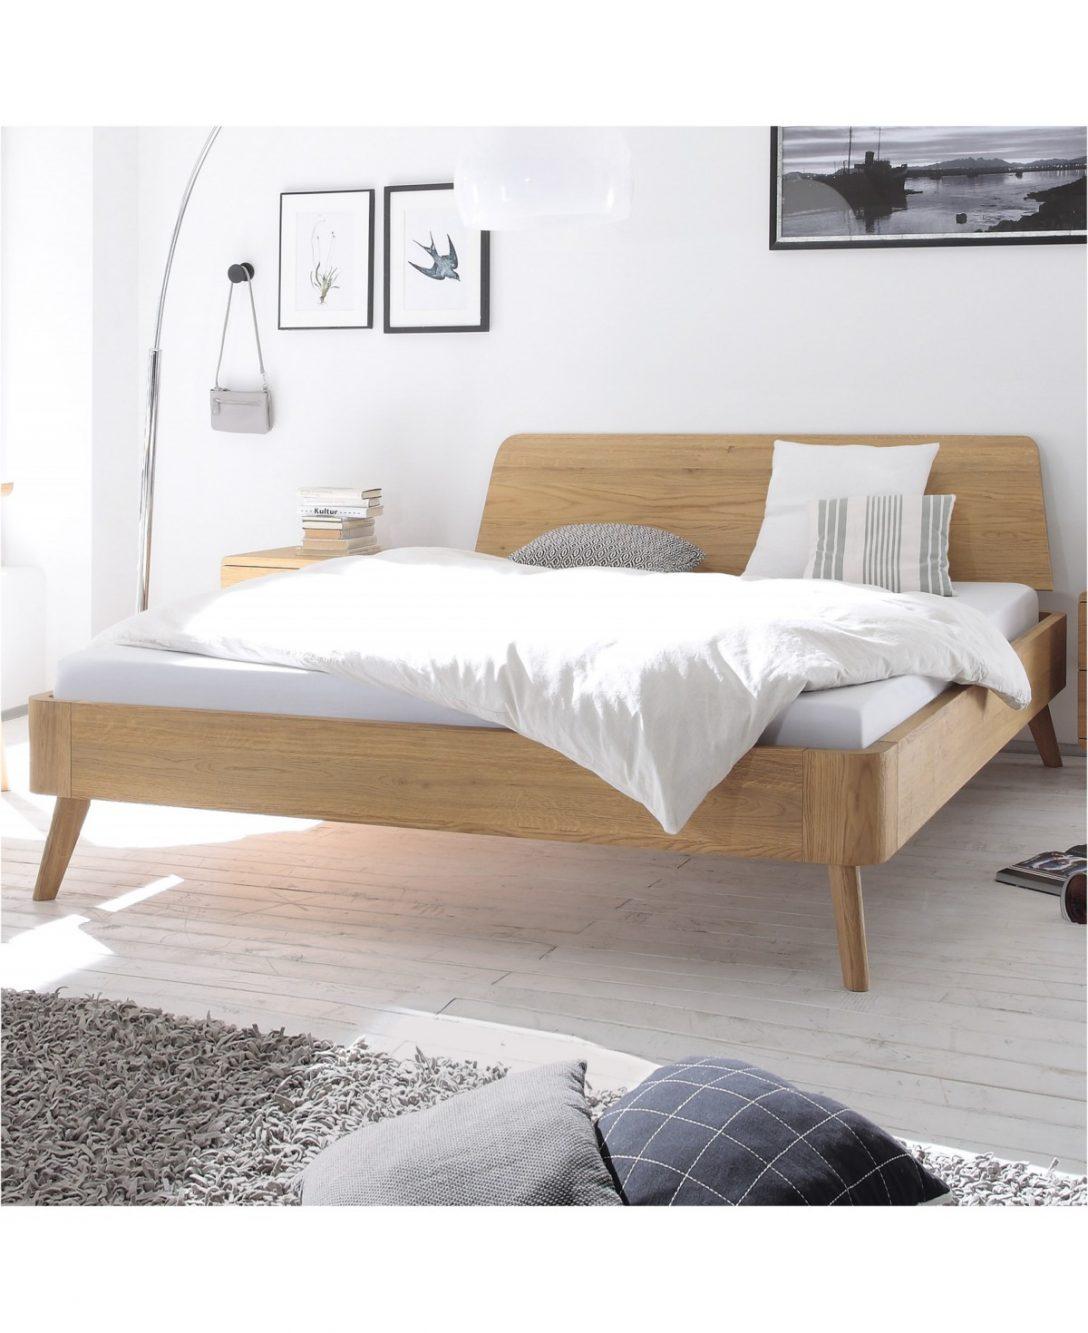 Large Size of Hasena Oak Bianco Eiche Bett Masito 25 Kopfteil Edda 120x200 Podest Baza 120 Kolonialstil Betten Bei Ikea Außergewöhnliche Mit Matratze Und Lattenrost Bett 120x200 Bett